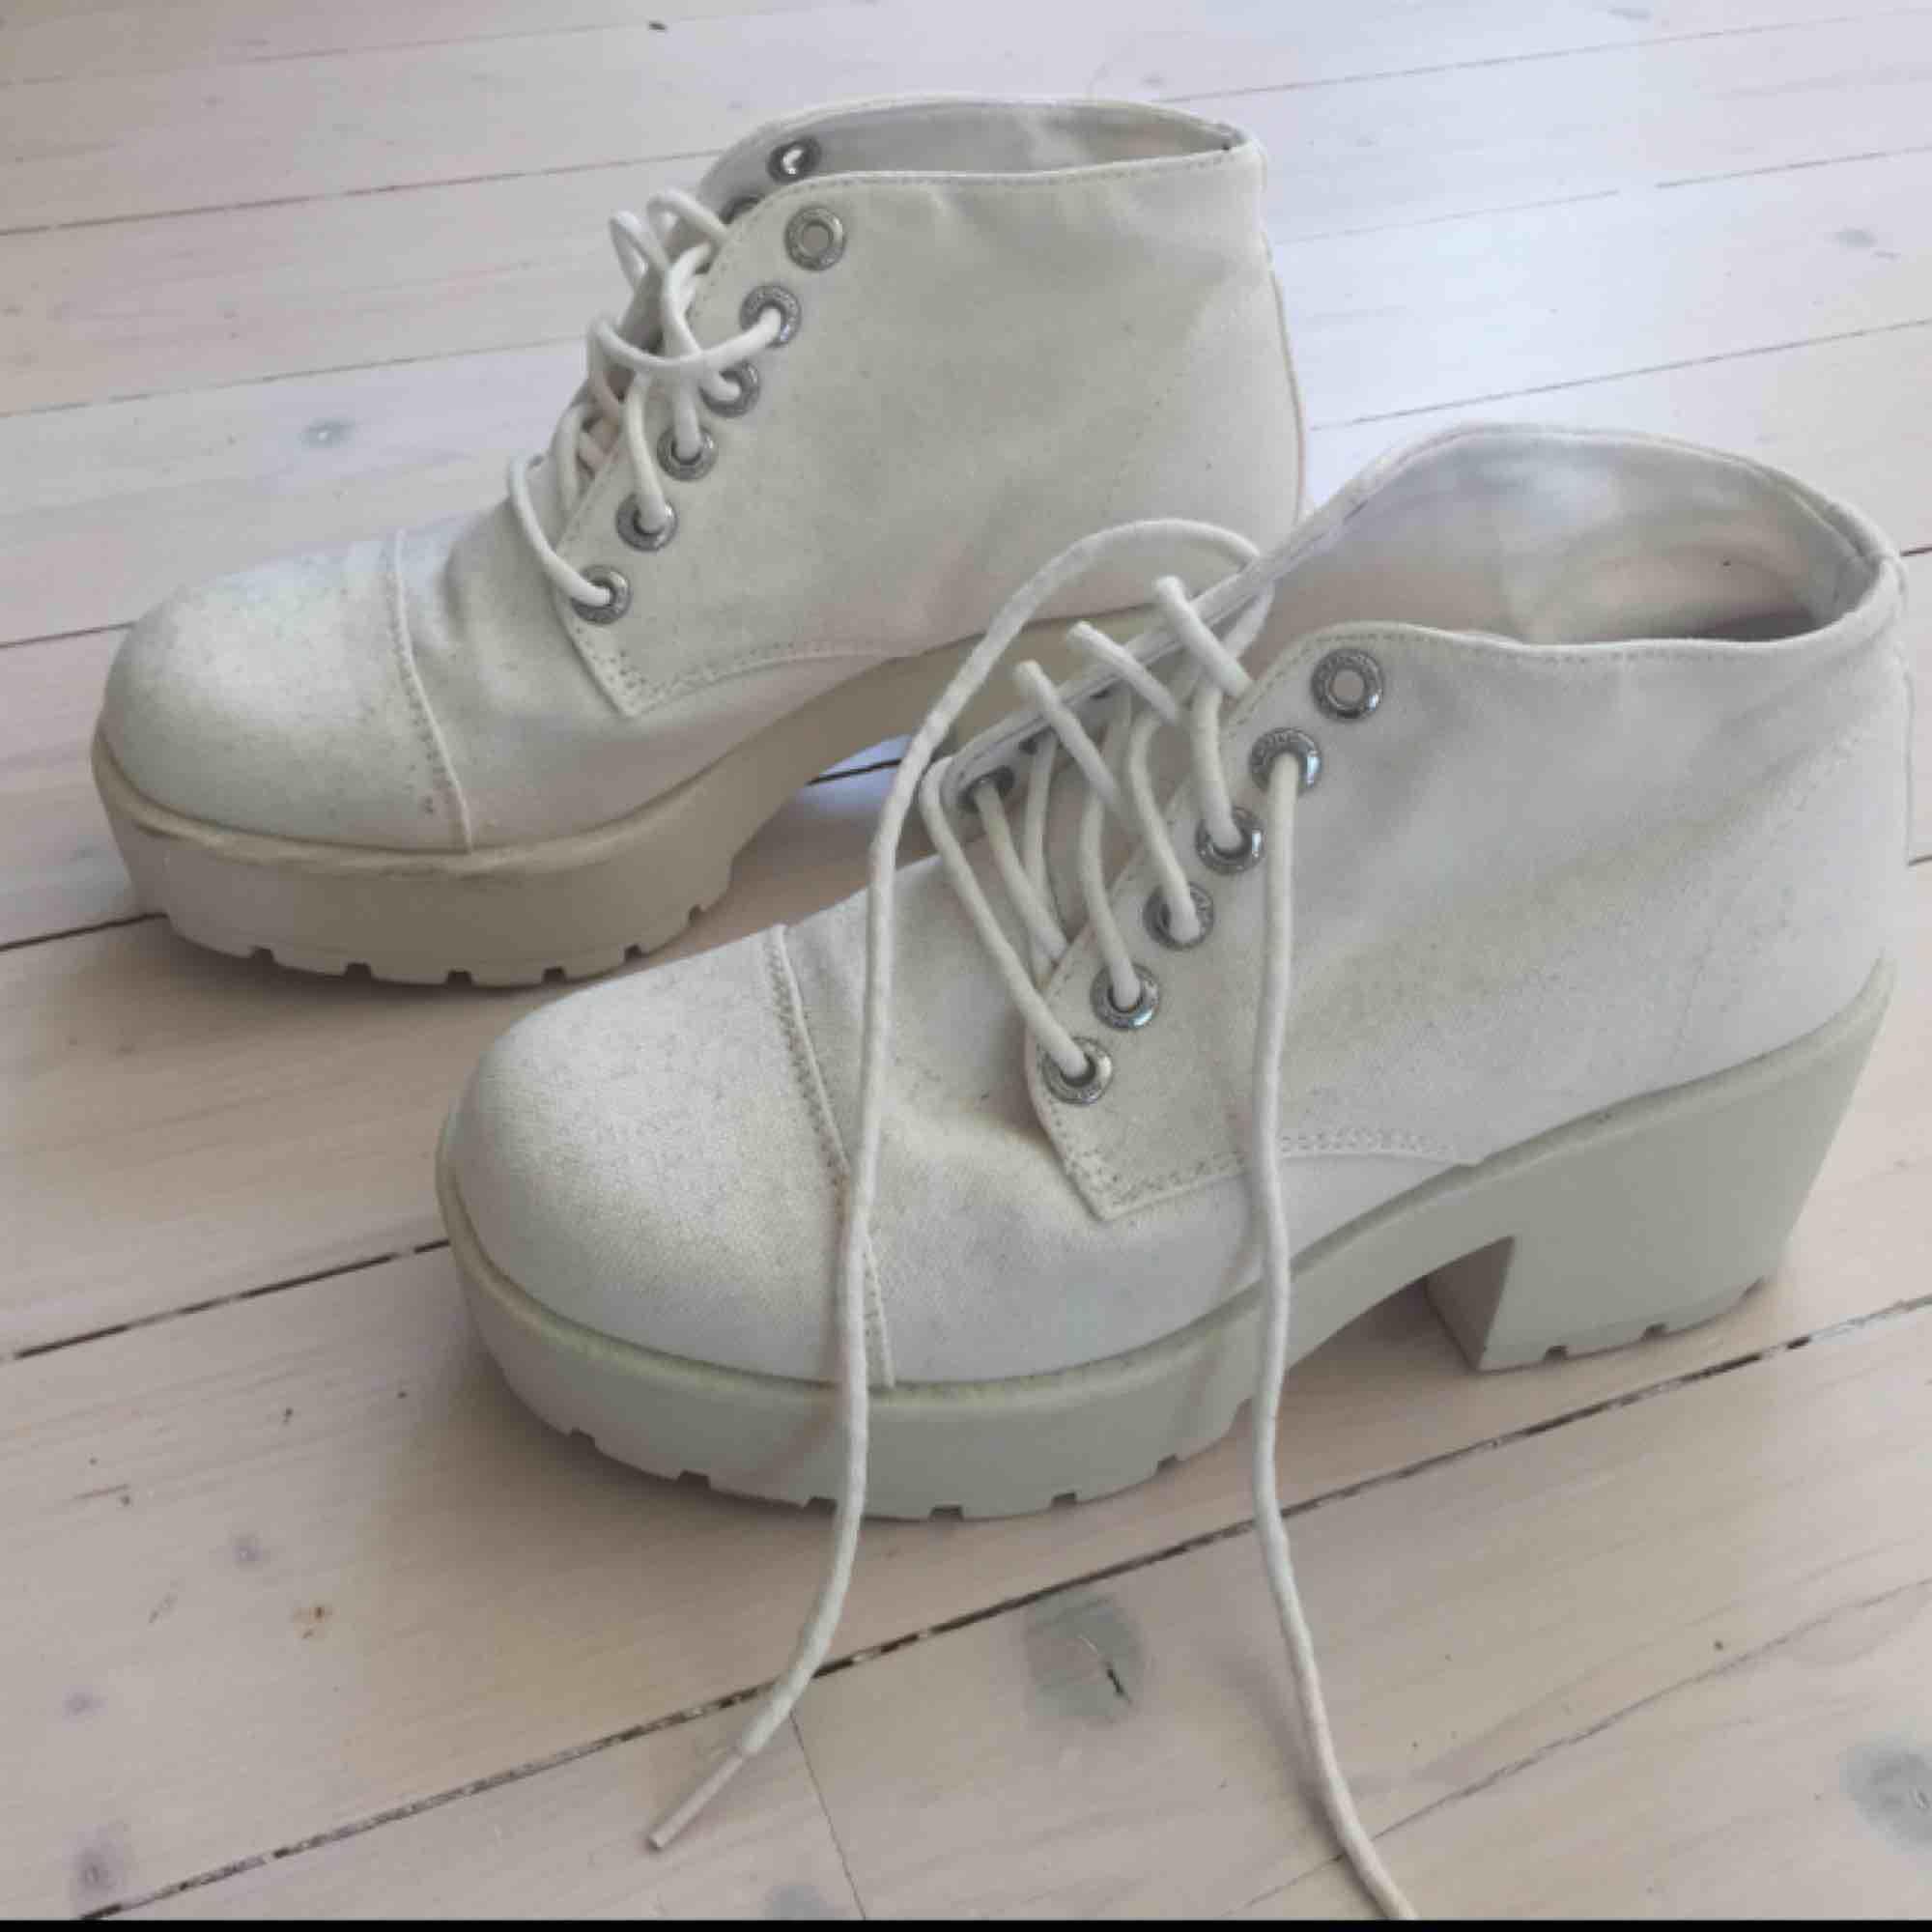 Vagabond platå skor i cremevit/ljusbeige. Supersnygga👌 märkt stl 37, men passar en 36a. Frakt kostar 65 kr.. Skor.